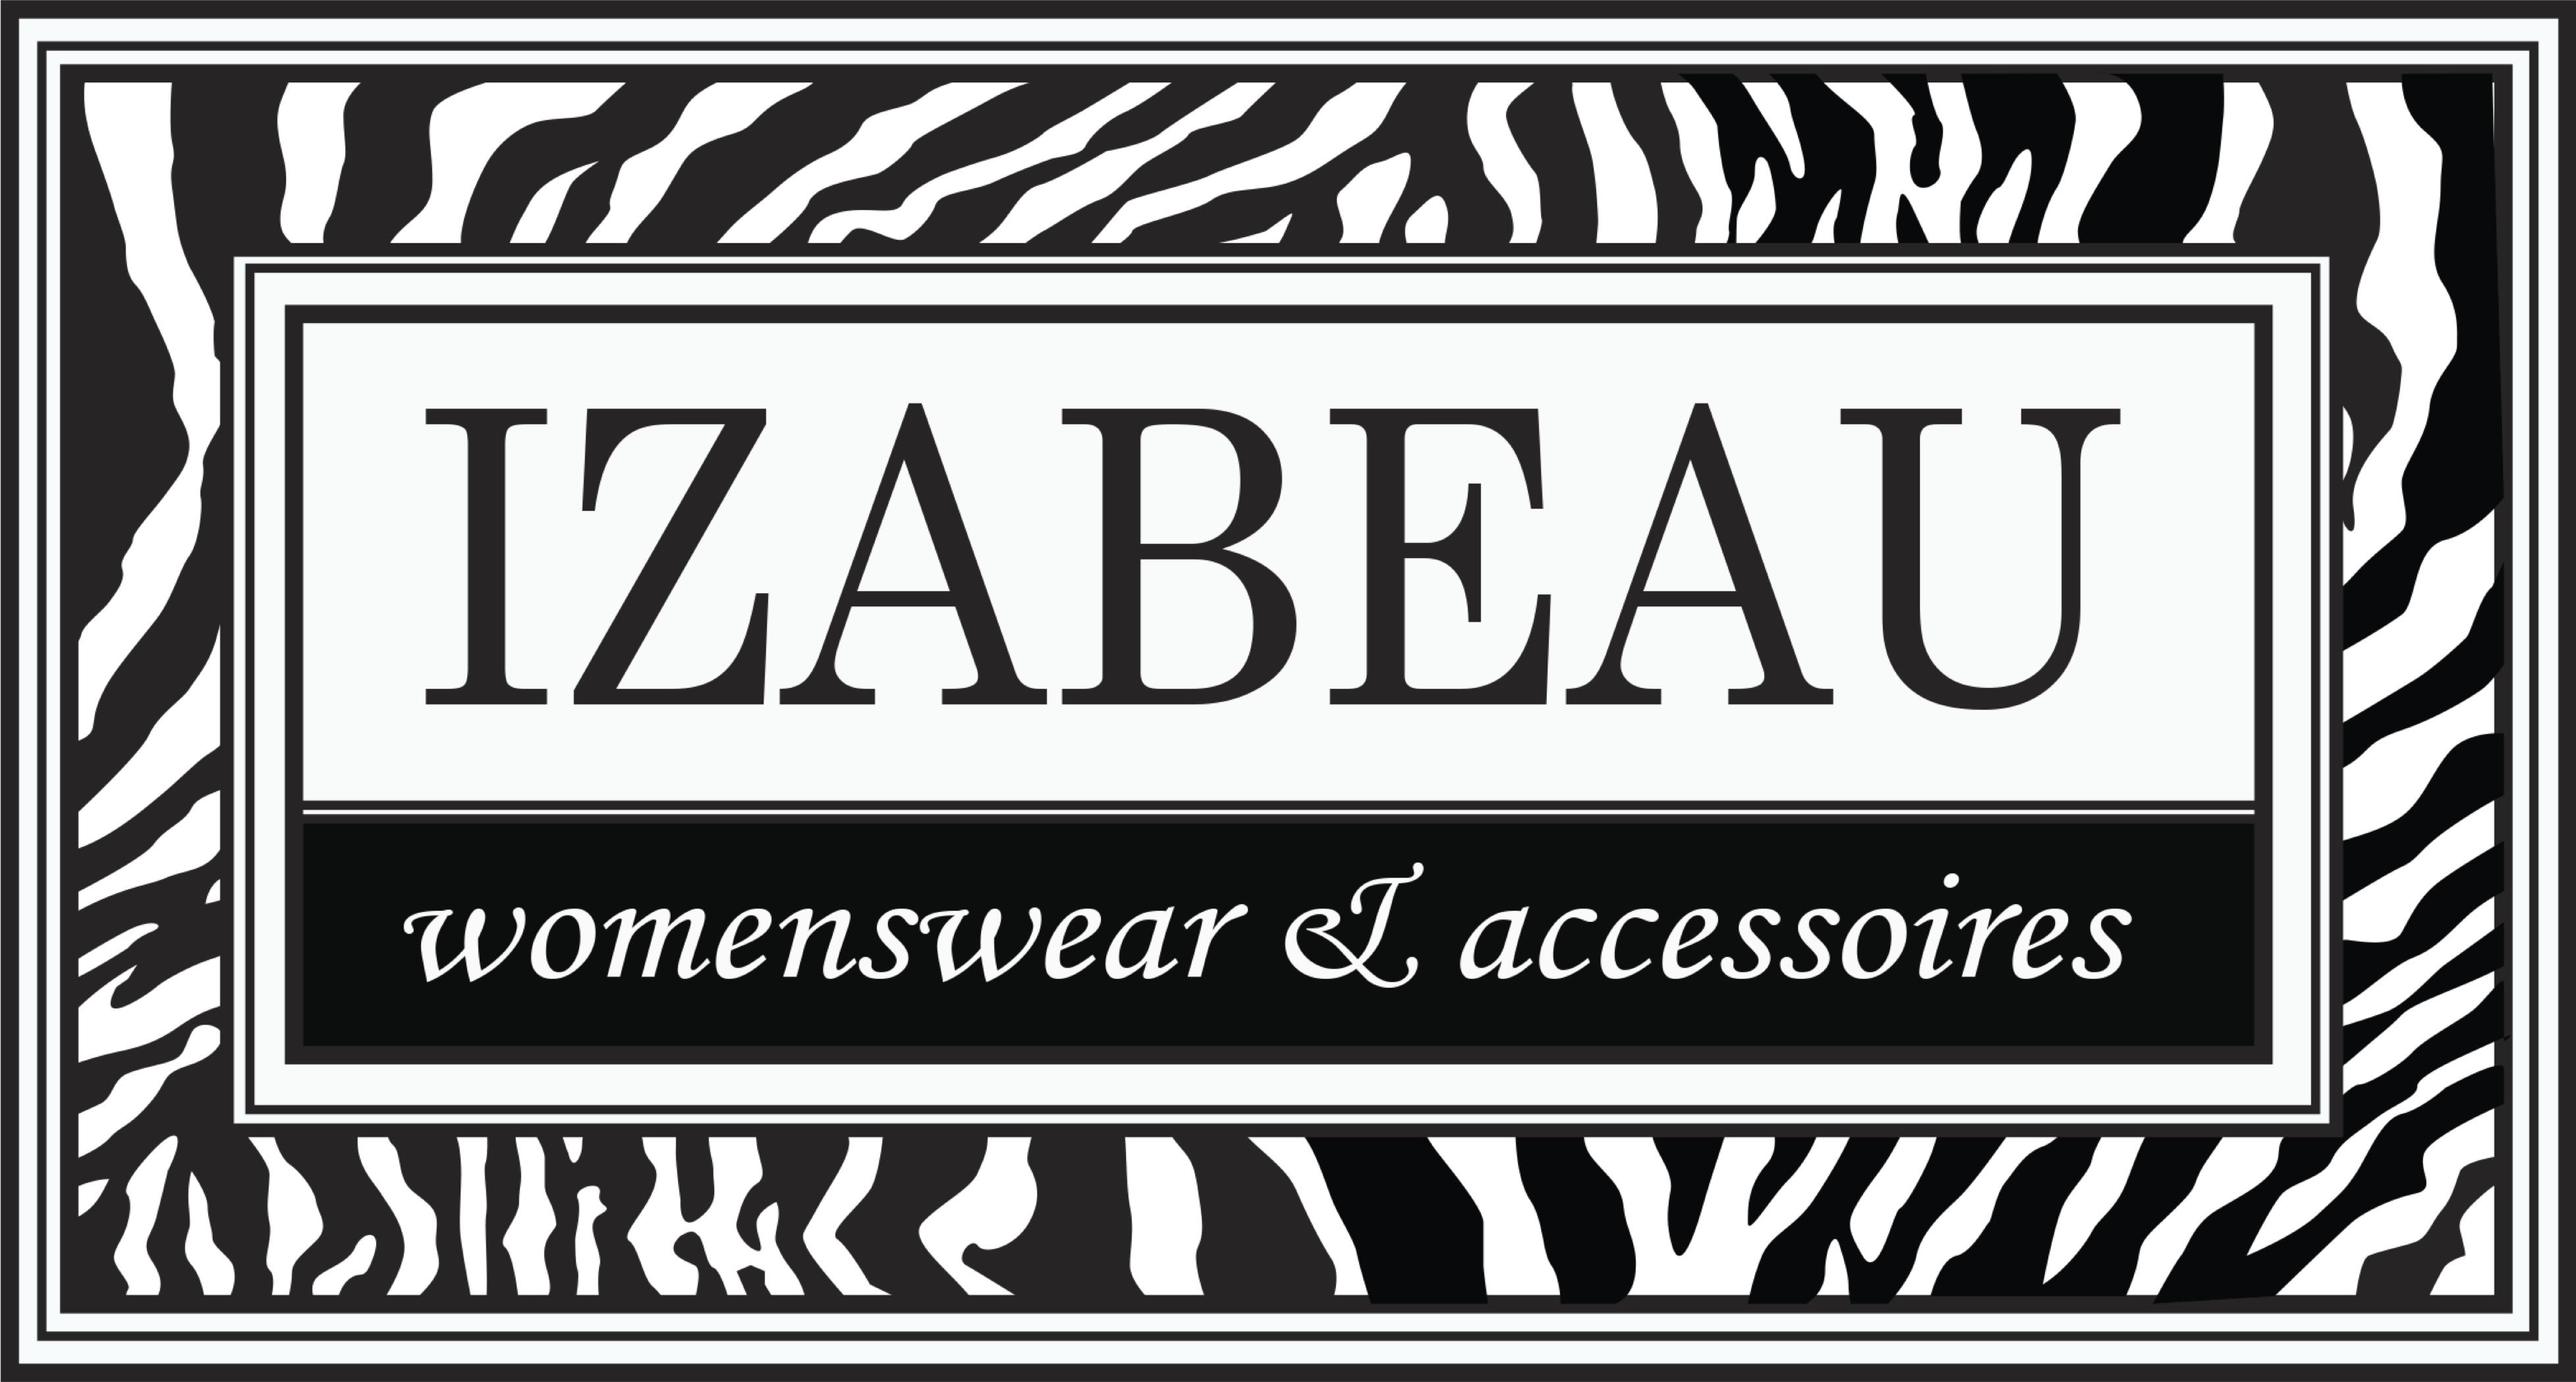 Womenswear & accessoires